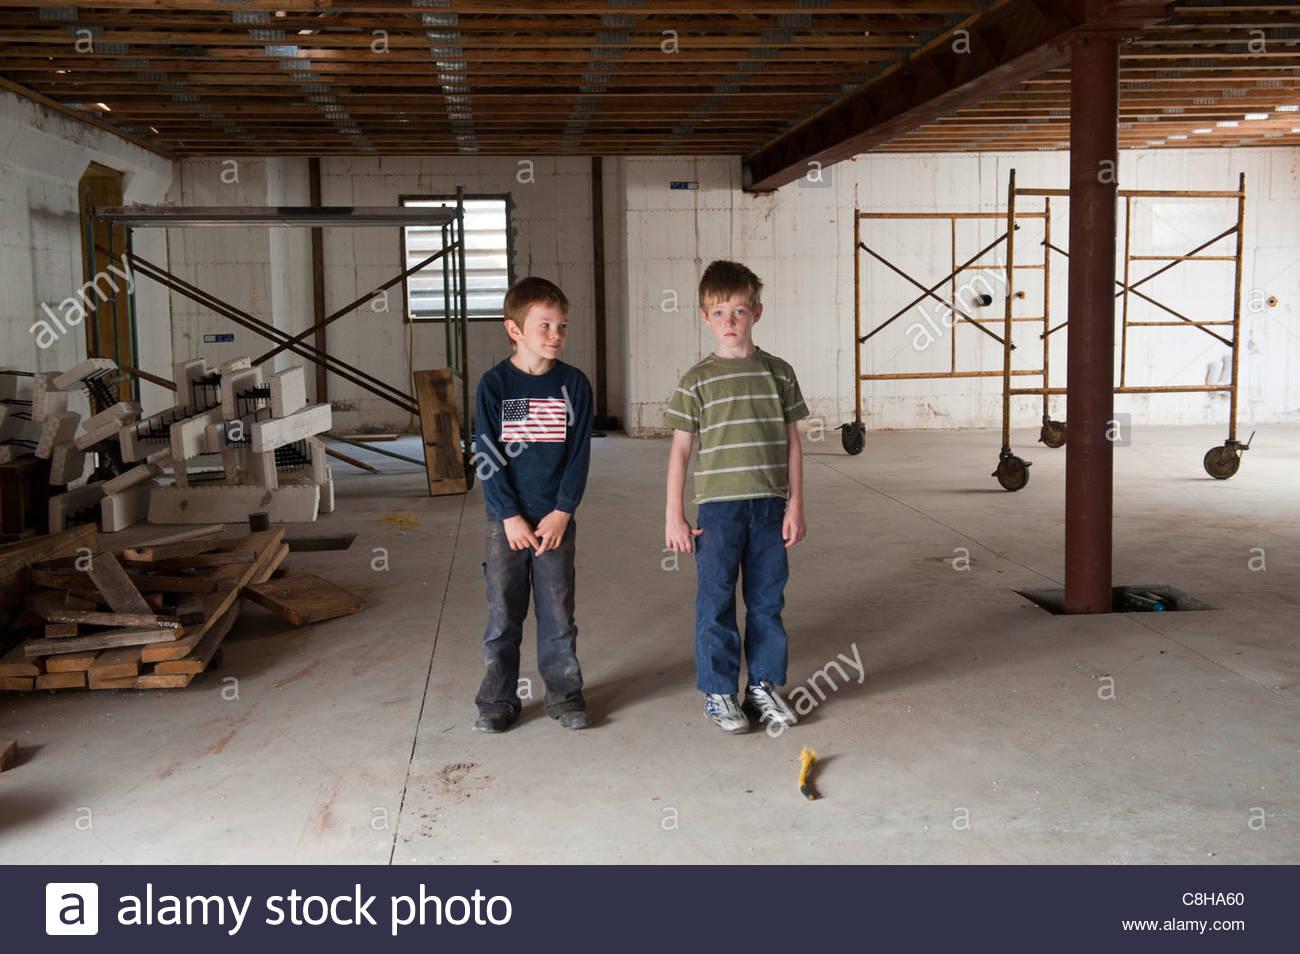 Zwei Jungs Im Keller Eines Hauses Im Bau.